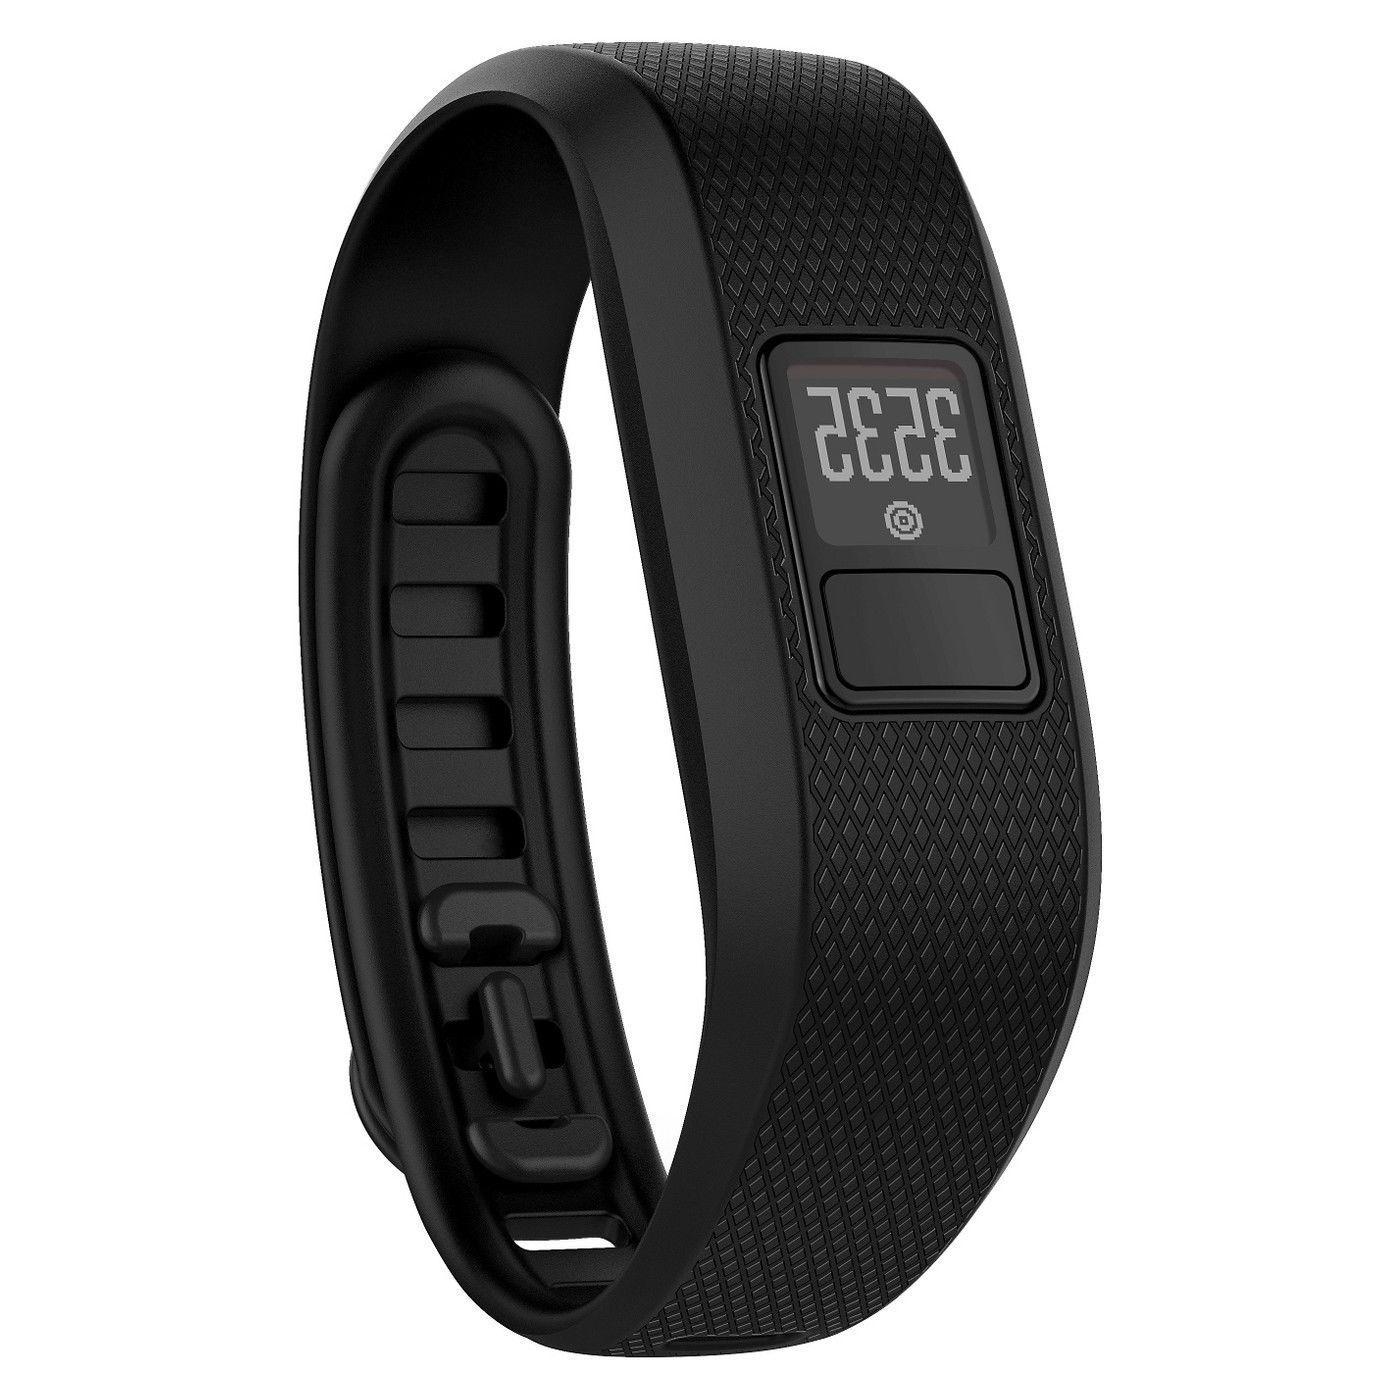 NEW Garmin 3 Activity Tracker Band Black